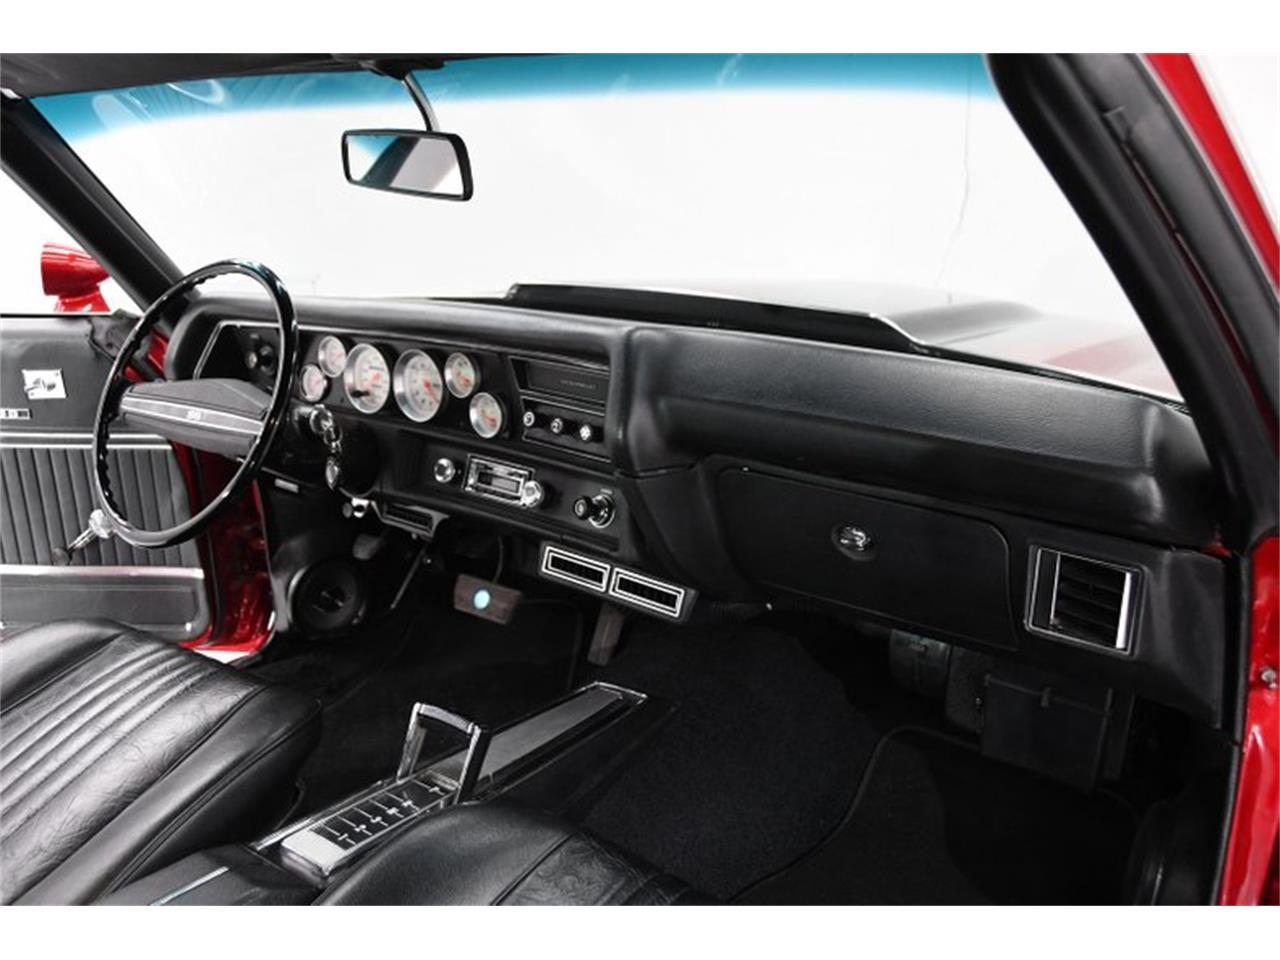 1972 Chevrolet Chevelle (CC-1298231) for sale in Volo, Illinois